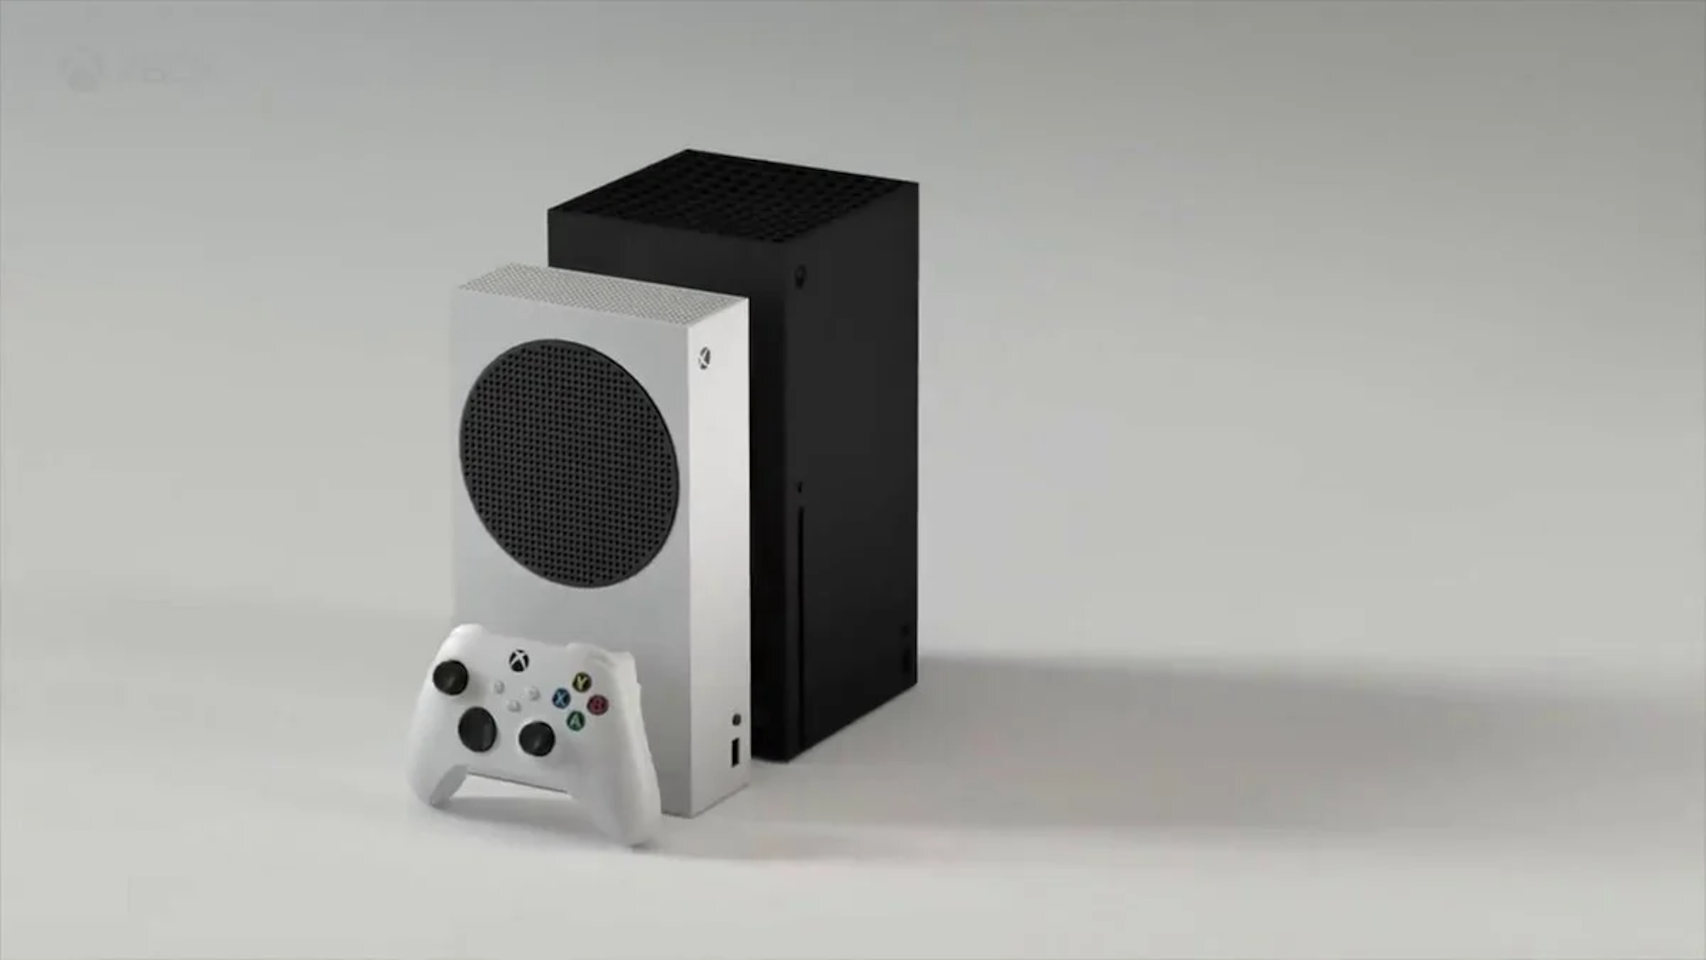 La Xbox Series S, al lado de la Xbox Series X